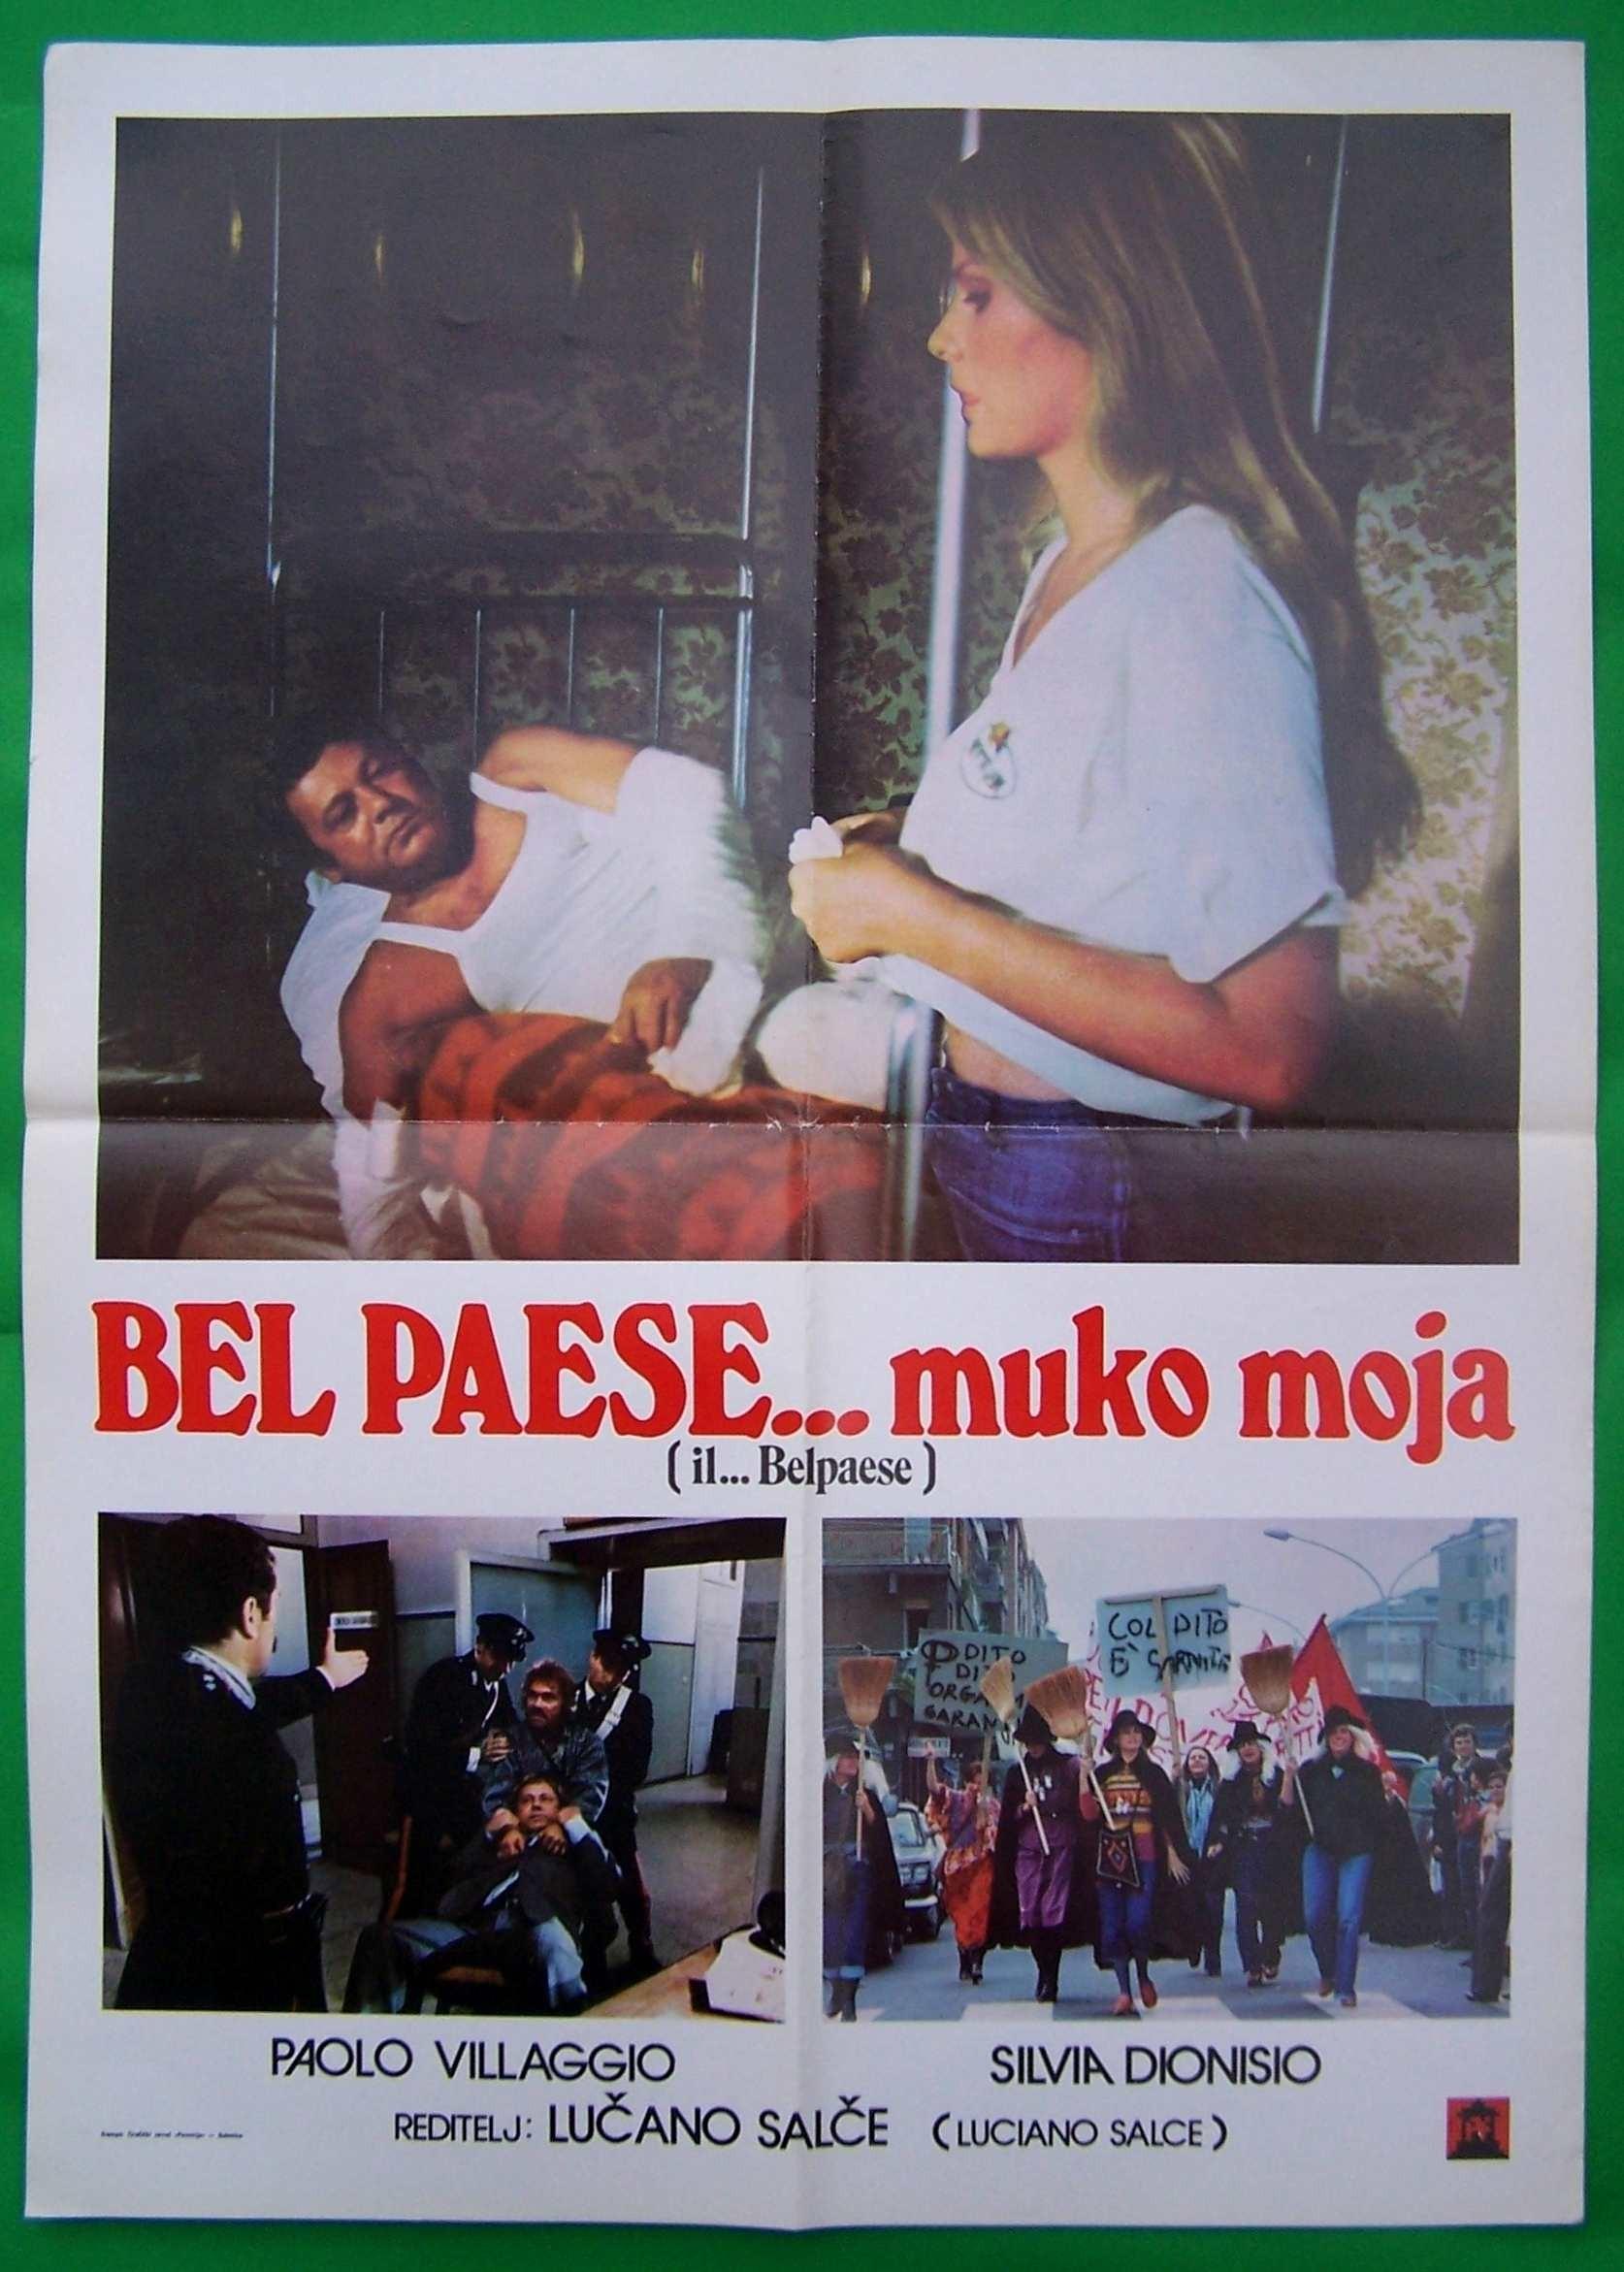 Bel Paese Muko Moja